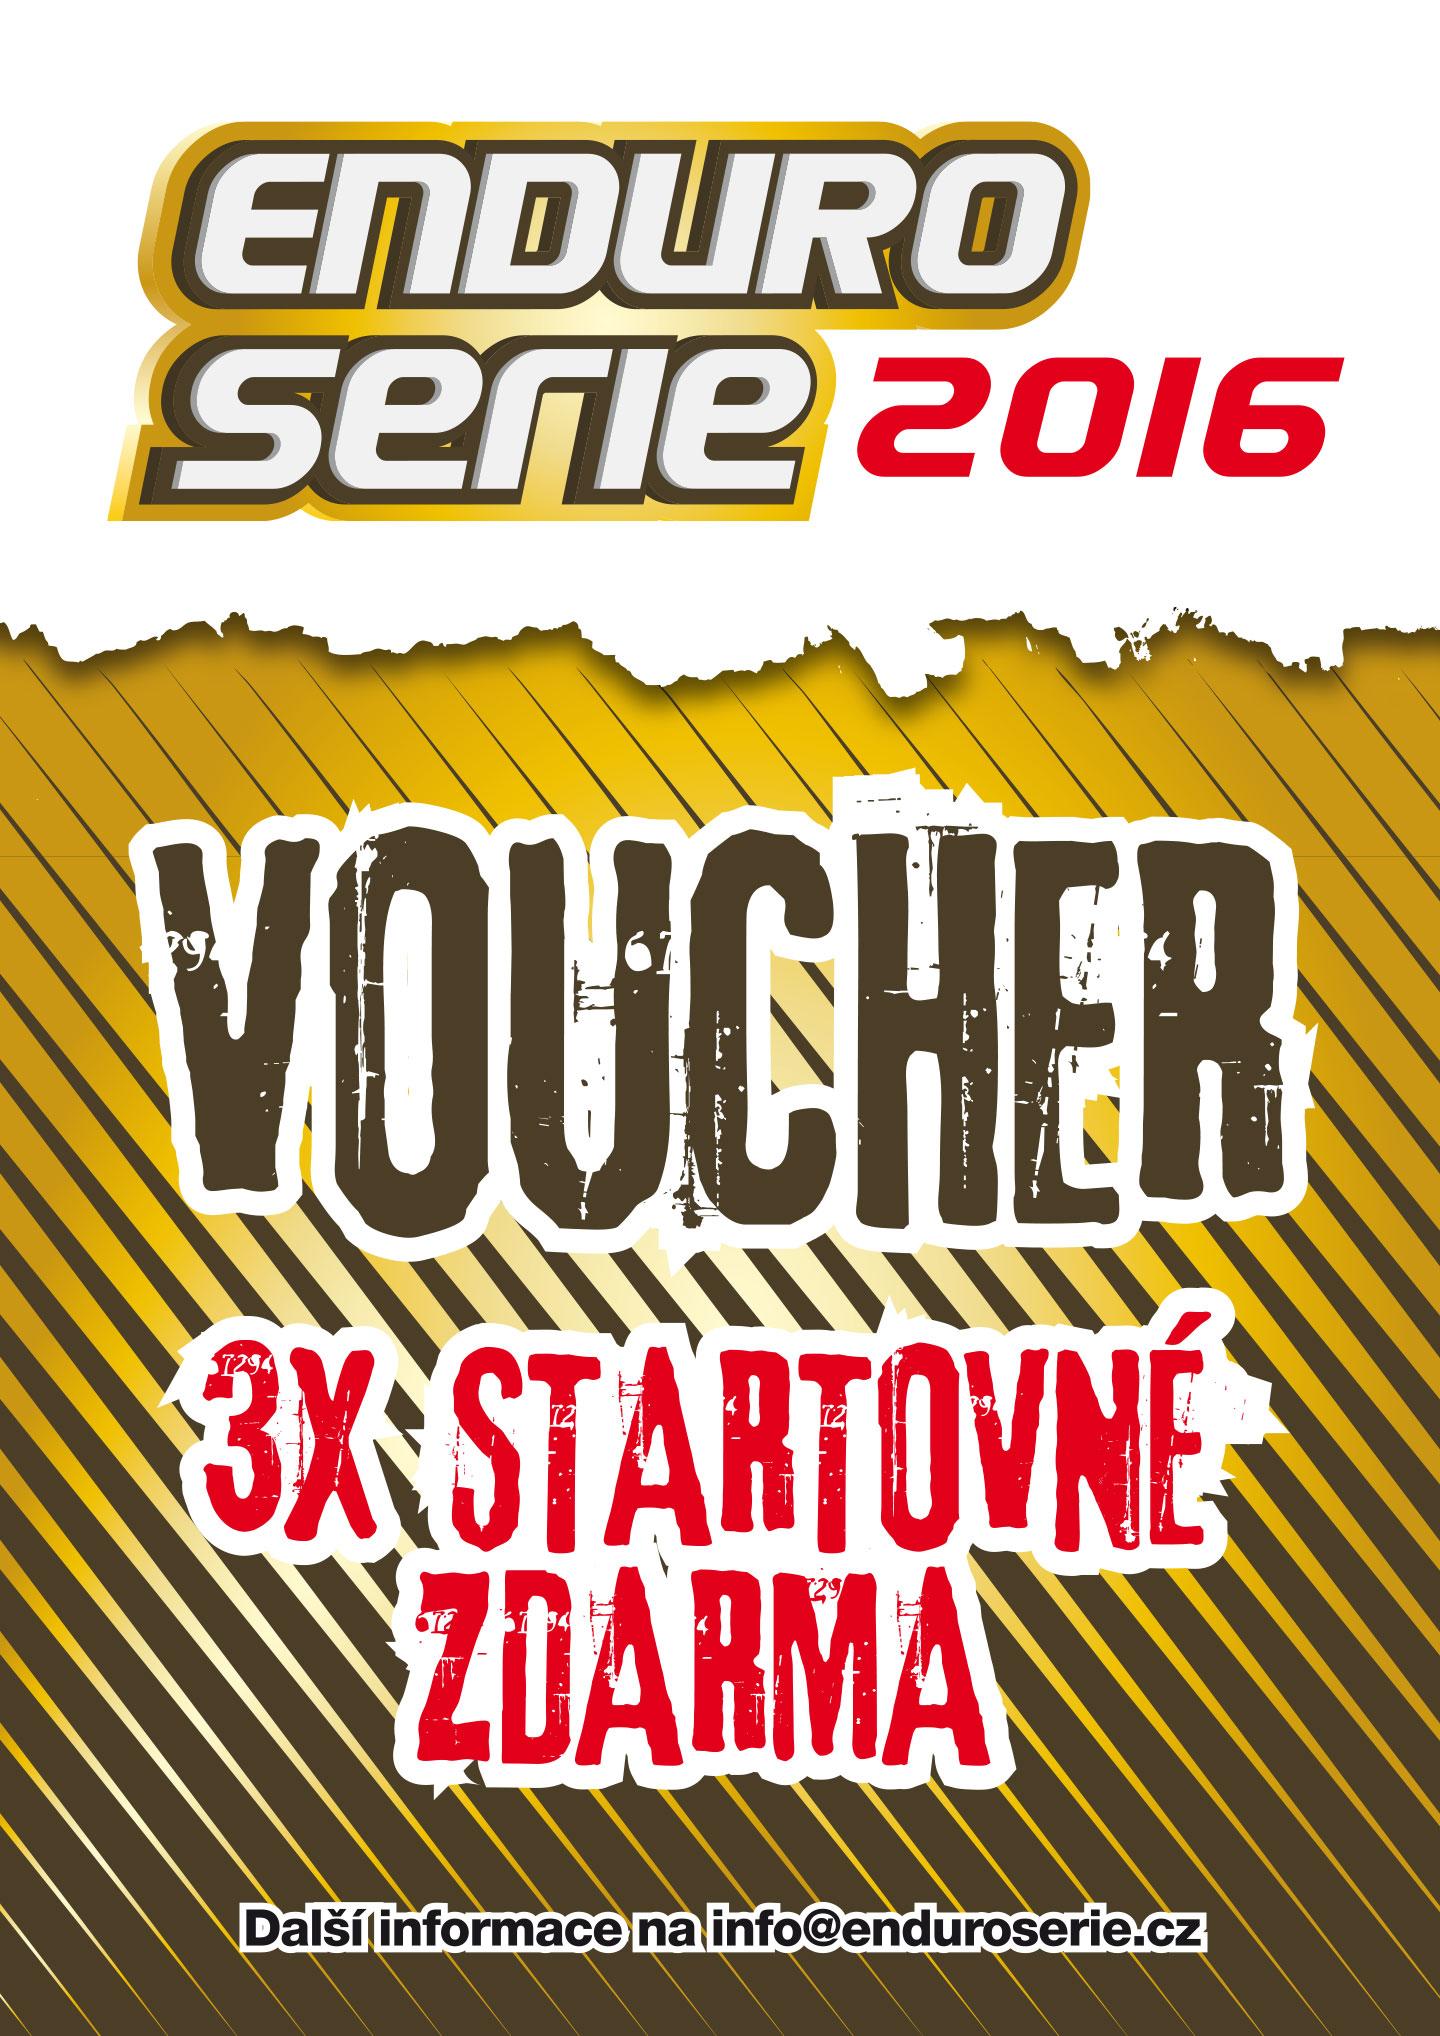 Voucher 2015